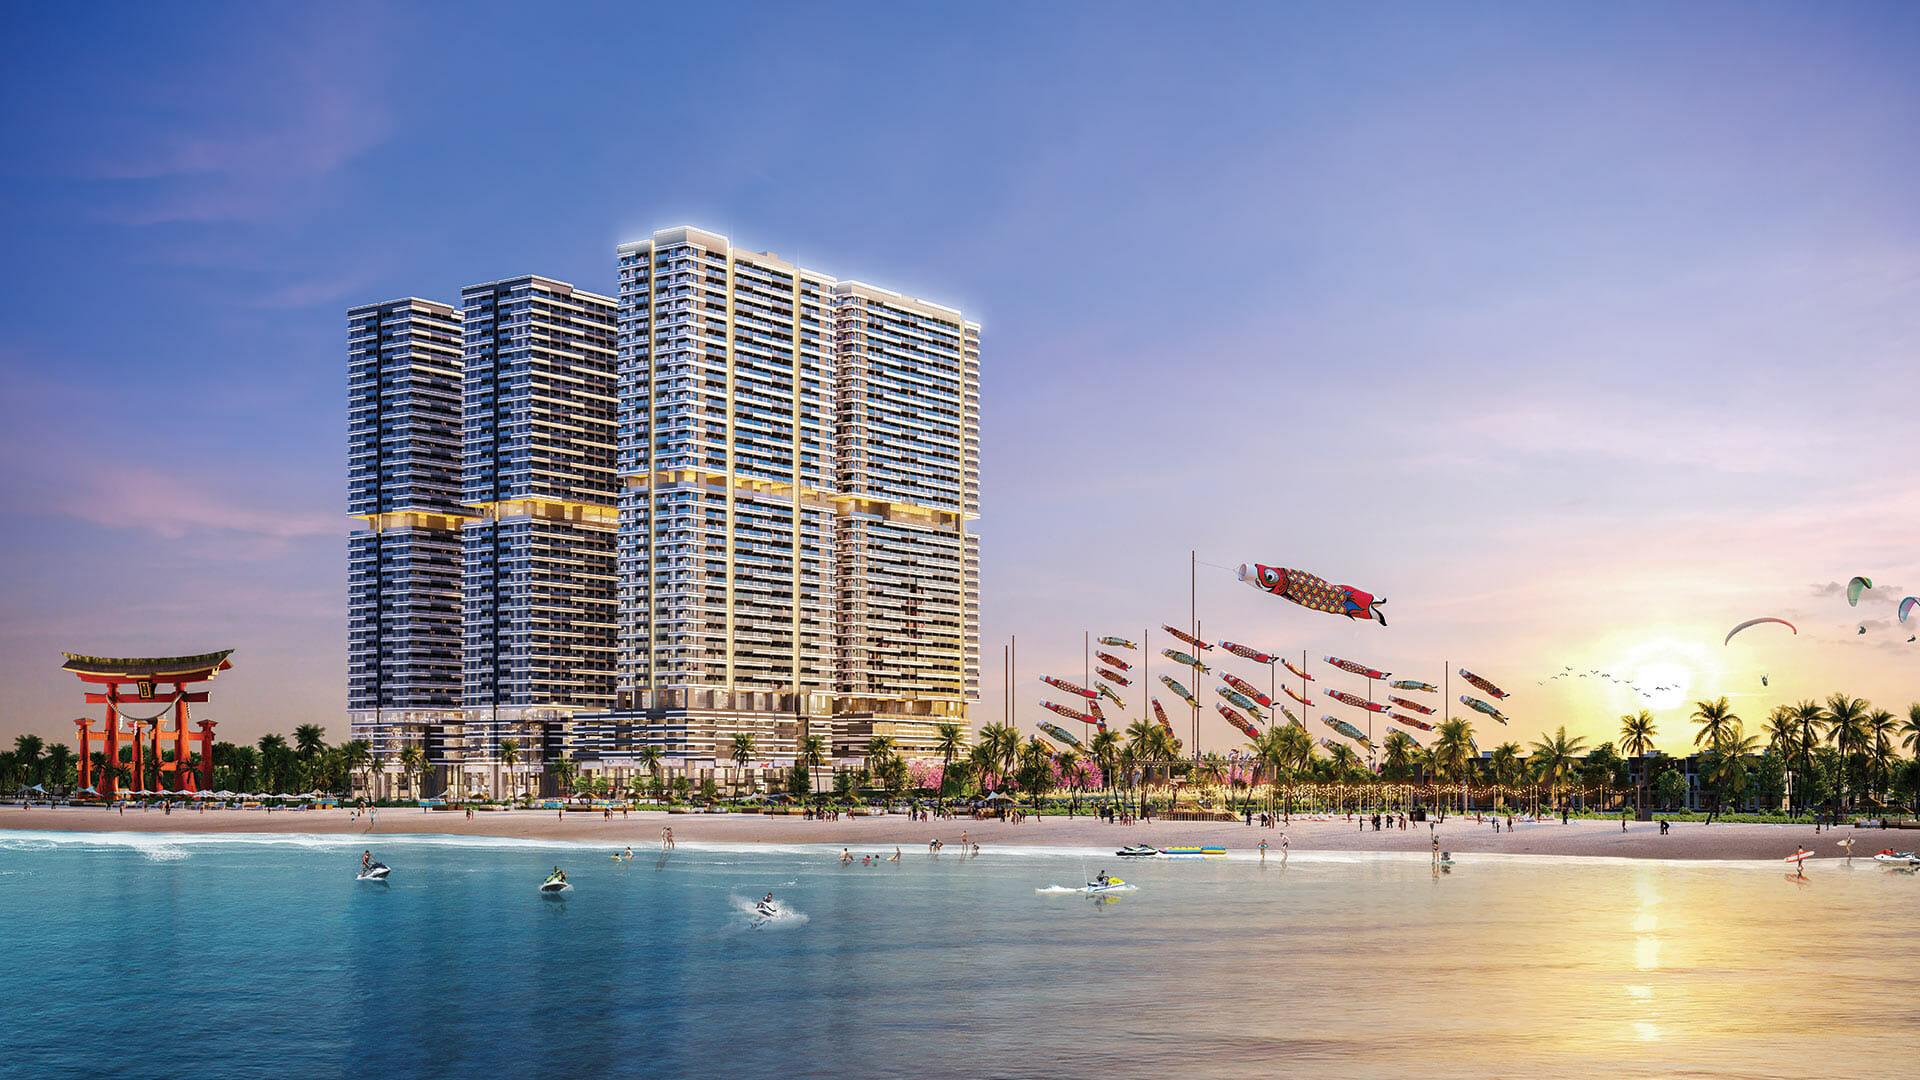 Các dự án được đầu tư phong phú về mặt tiện ích như Takashi Ocean Suite Kỳ Co sẽ thu hút nhà đầu tư